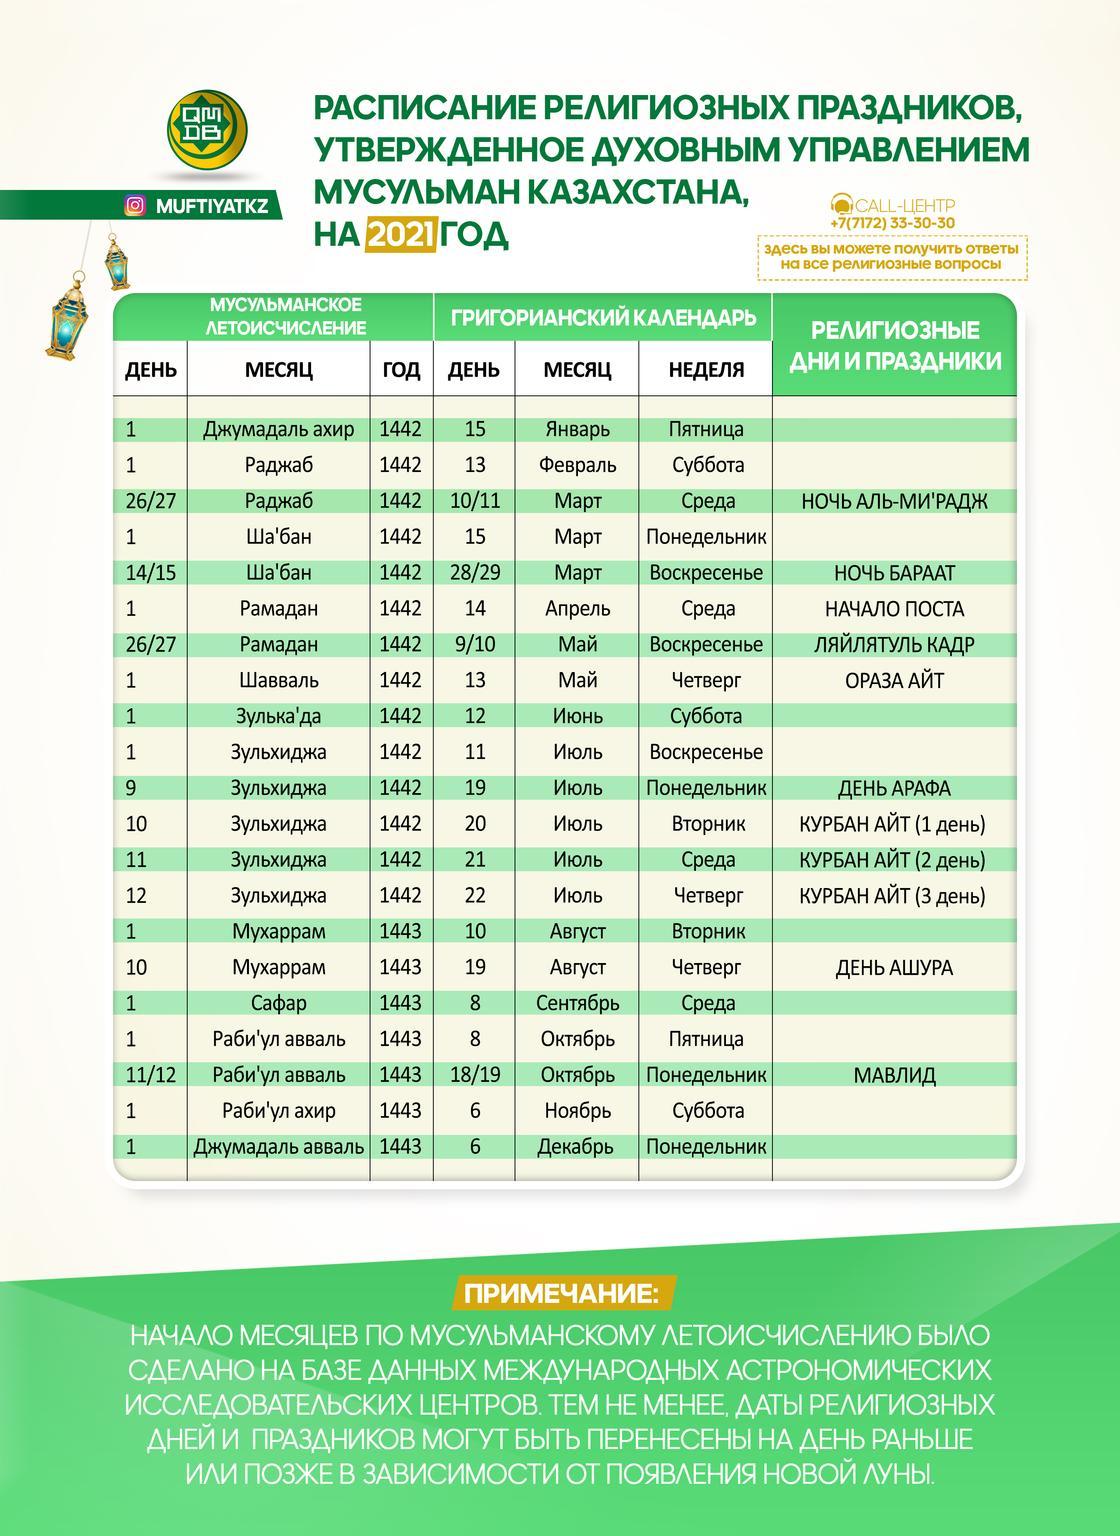 Расписание религиозных праздников на 2021 год